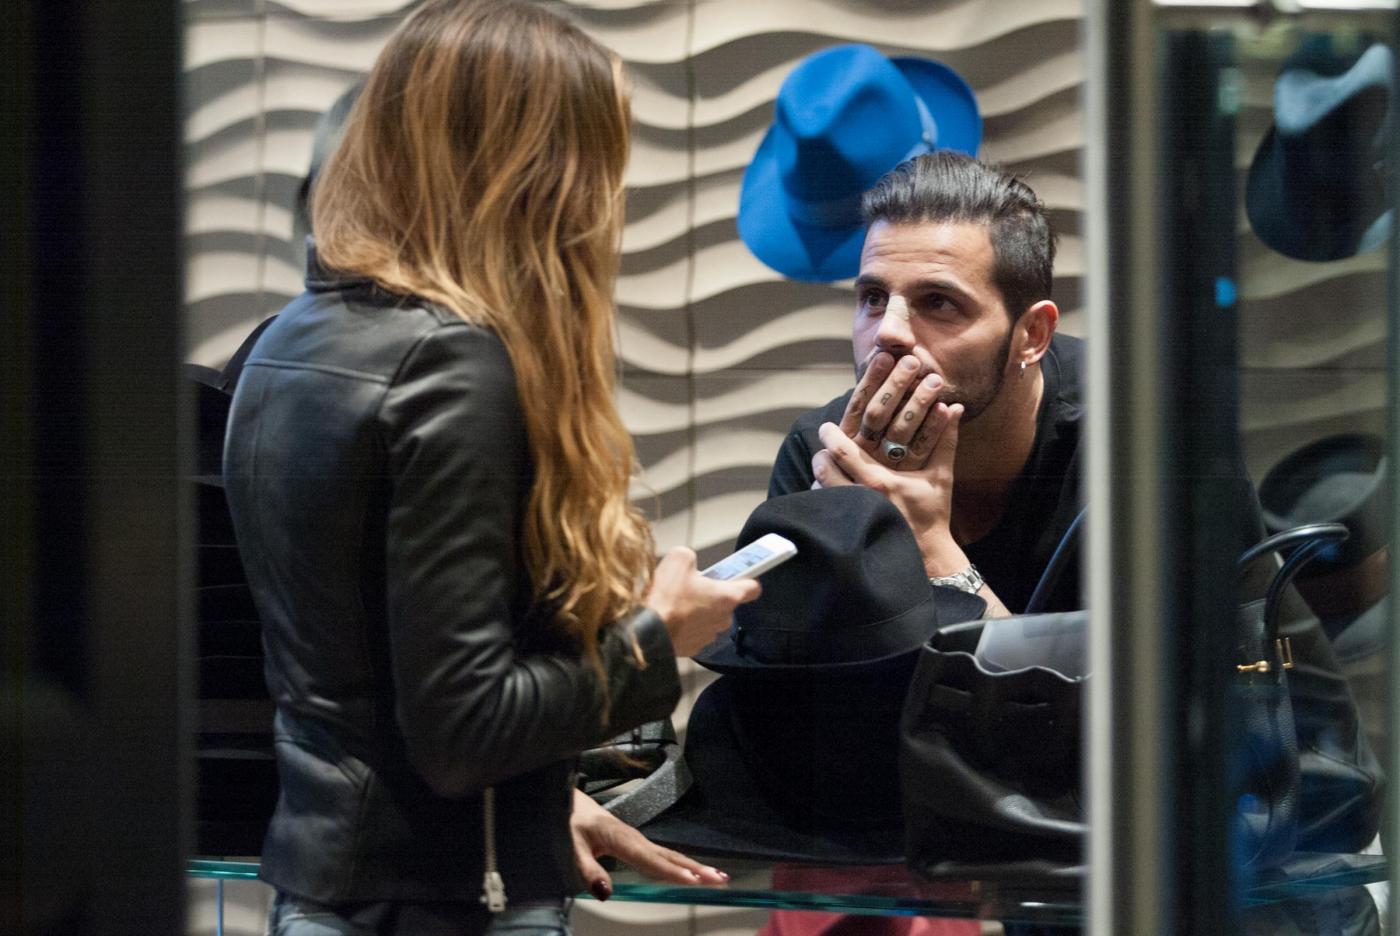 Alessio Lopasso e Roberta Bonfanti travolti dalla passione durante lo shopping08